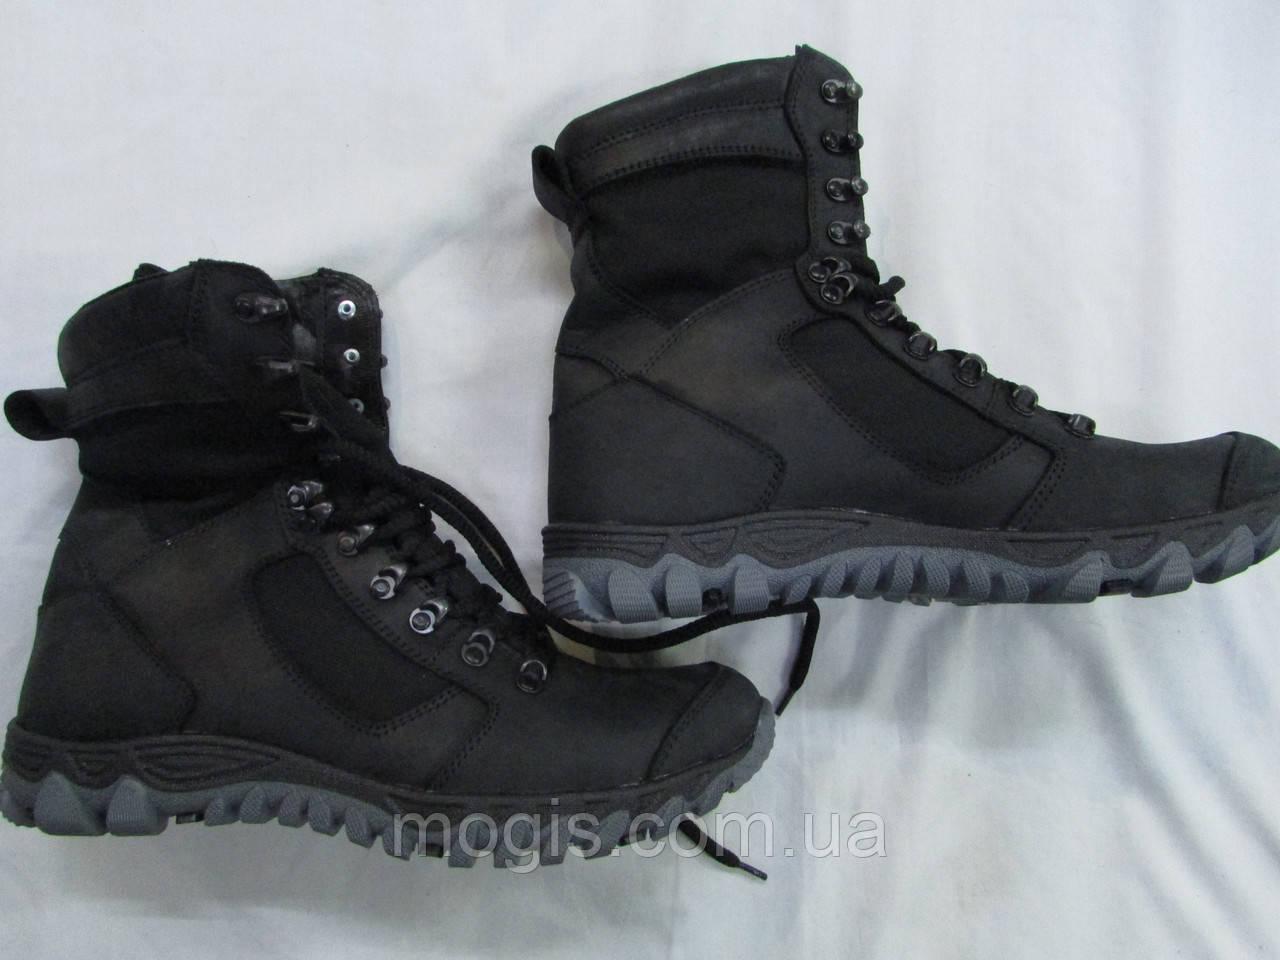 Ботинки тактические с высокими берцами TEDA-19